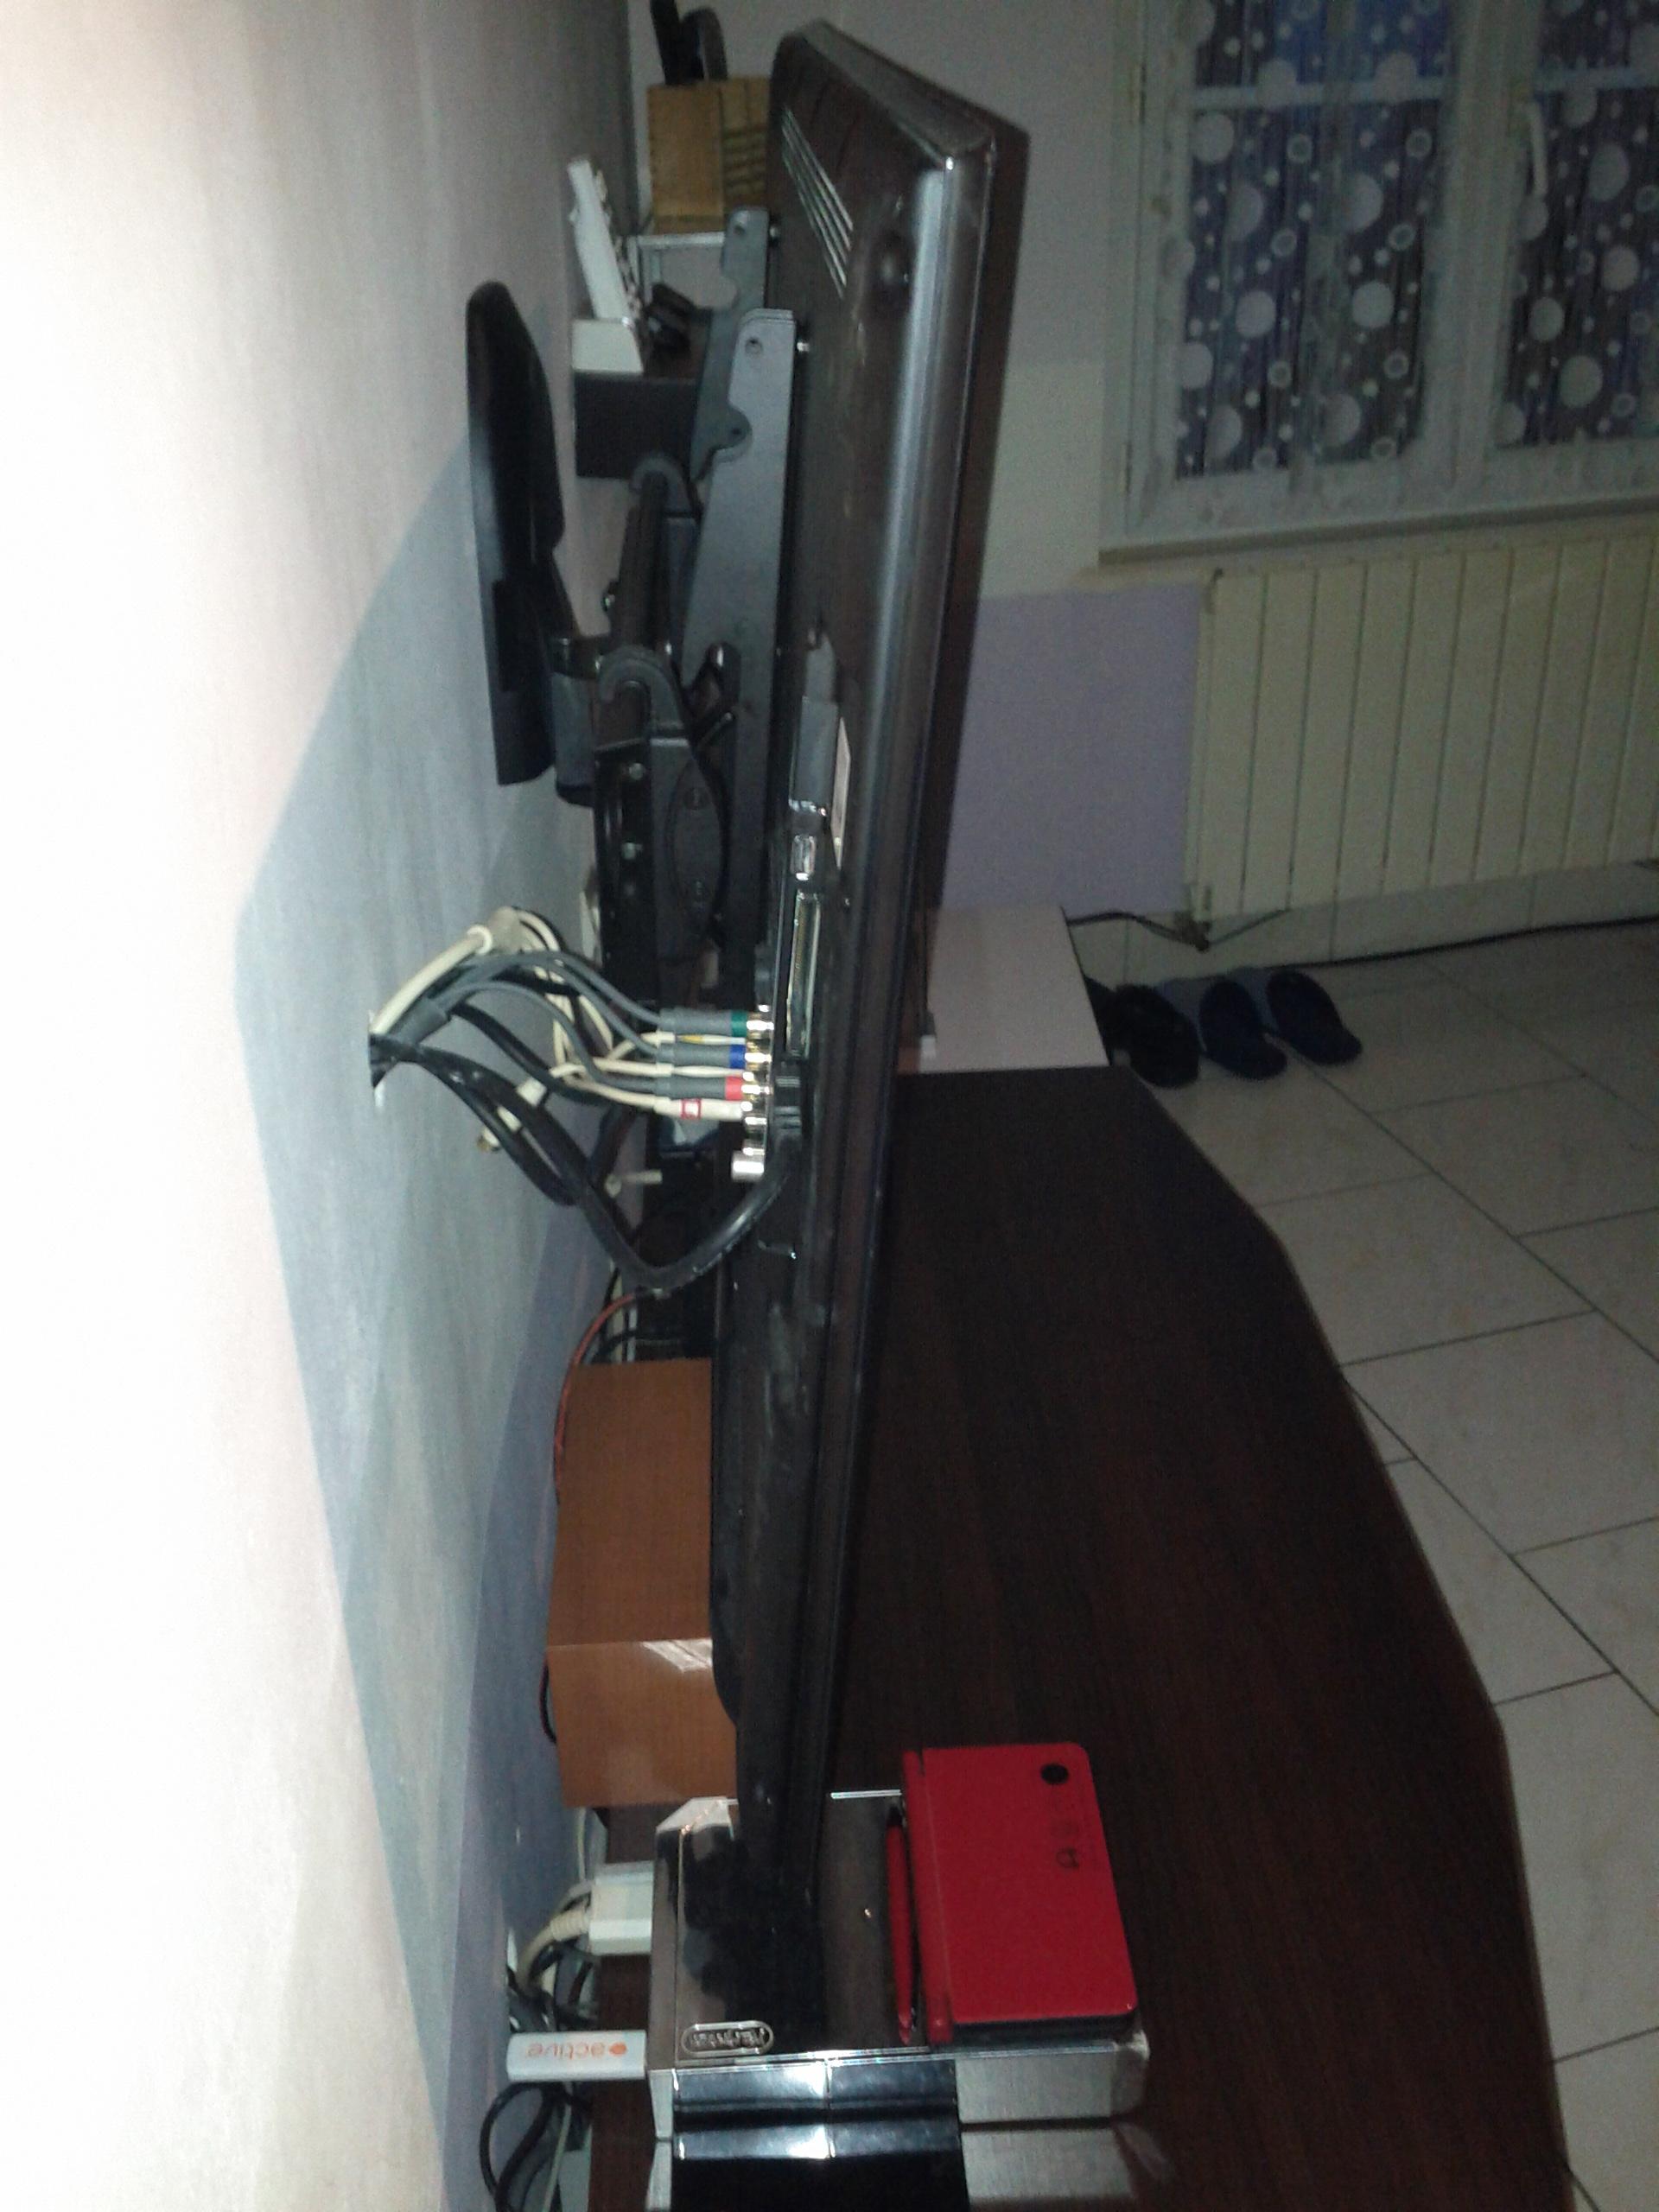 Installer Sa Tv Au Mur Conseils Astuces Et Photos Page 162  # Comment Accrocher Les Planches A Tv Au Mur